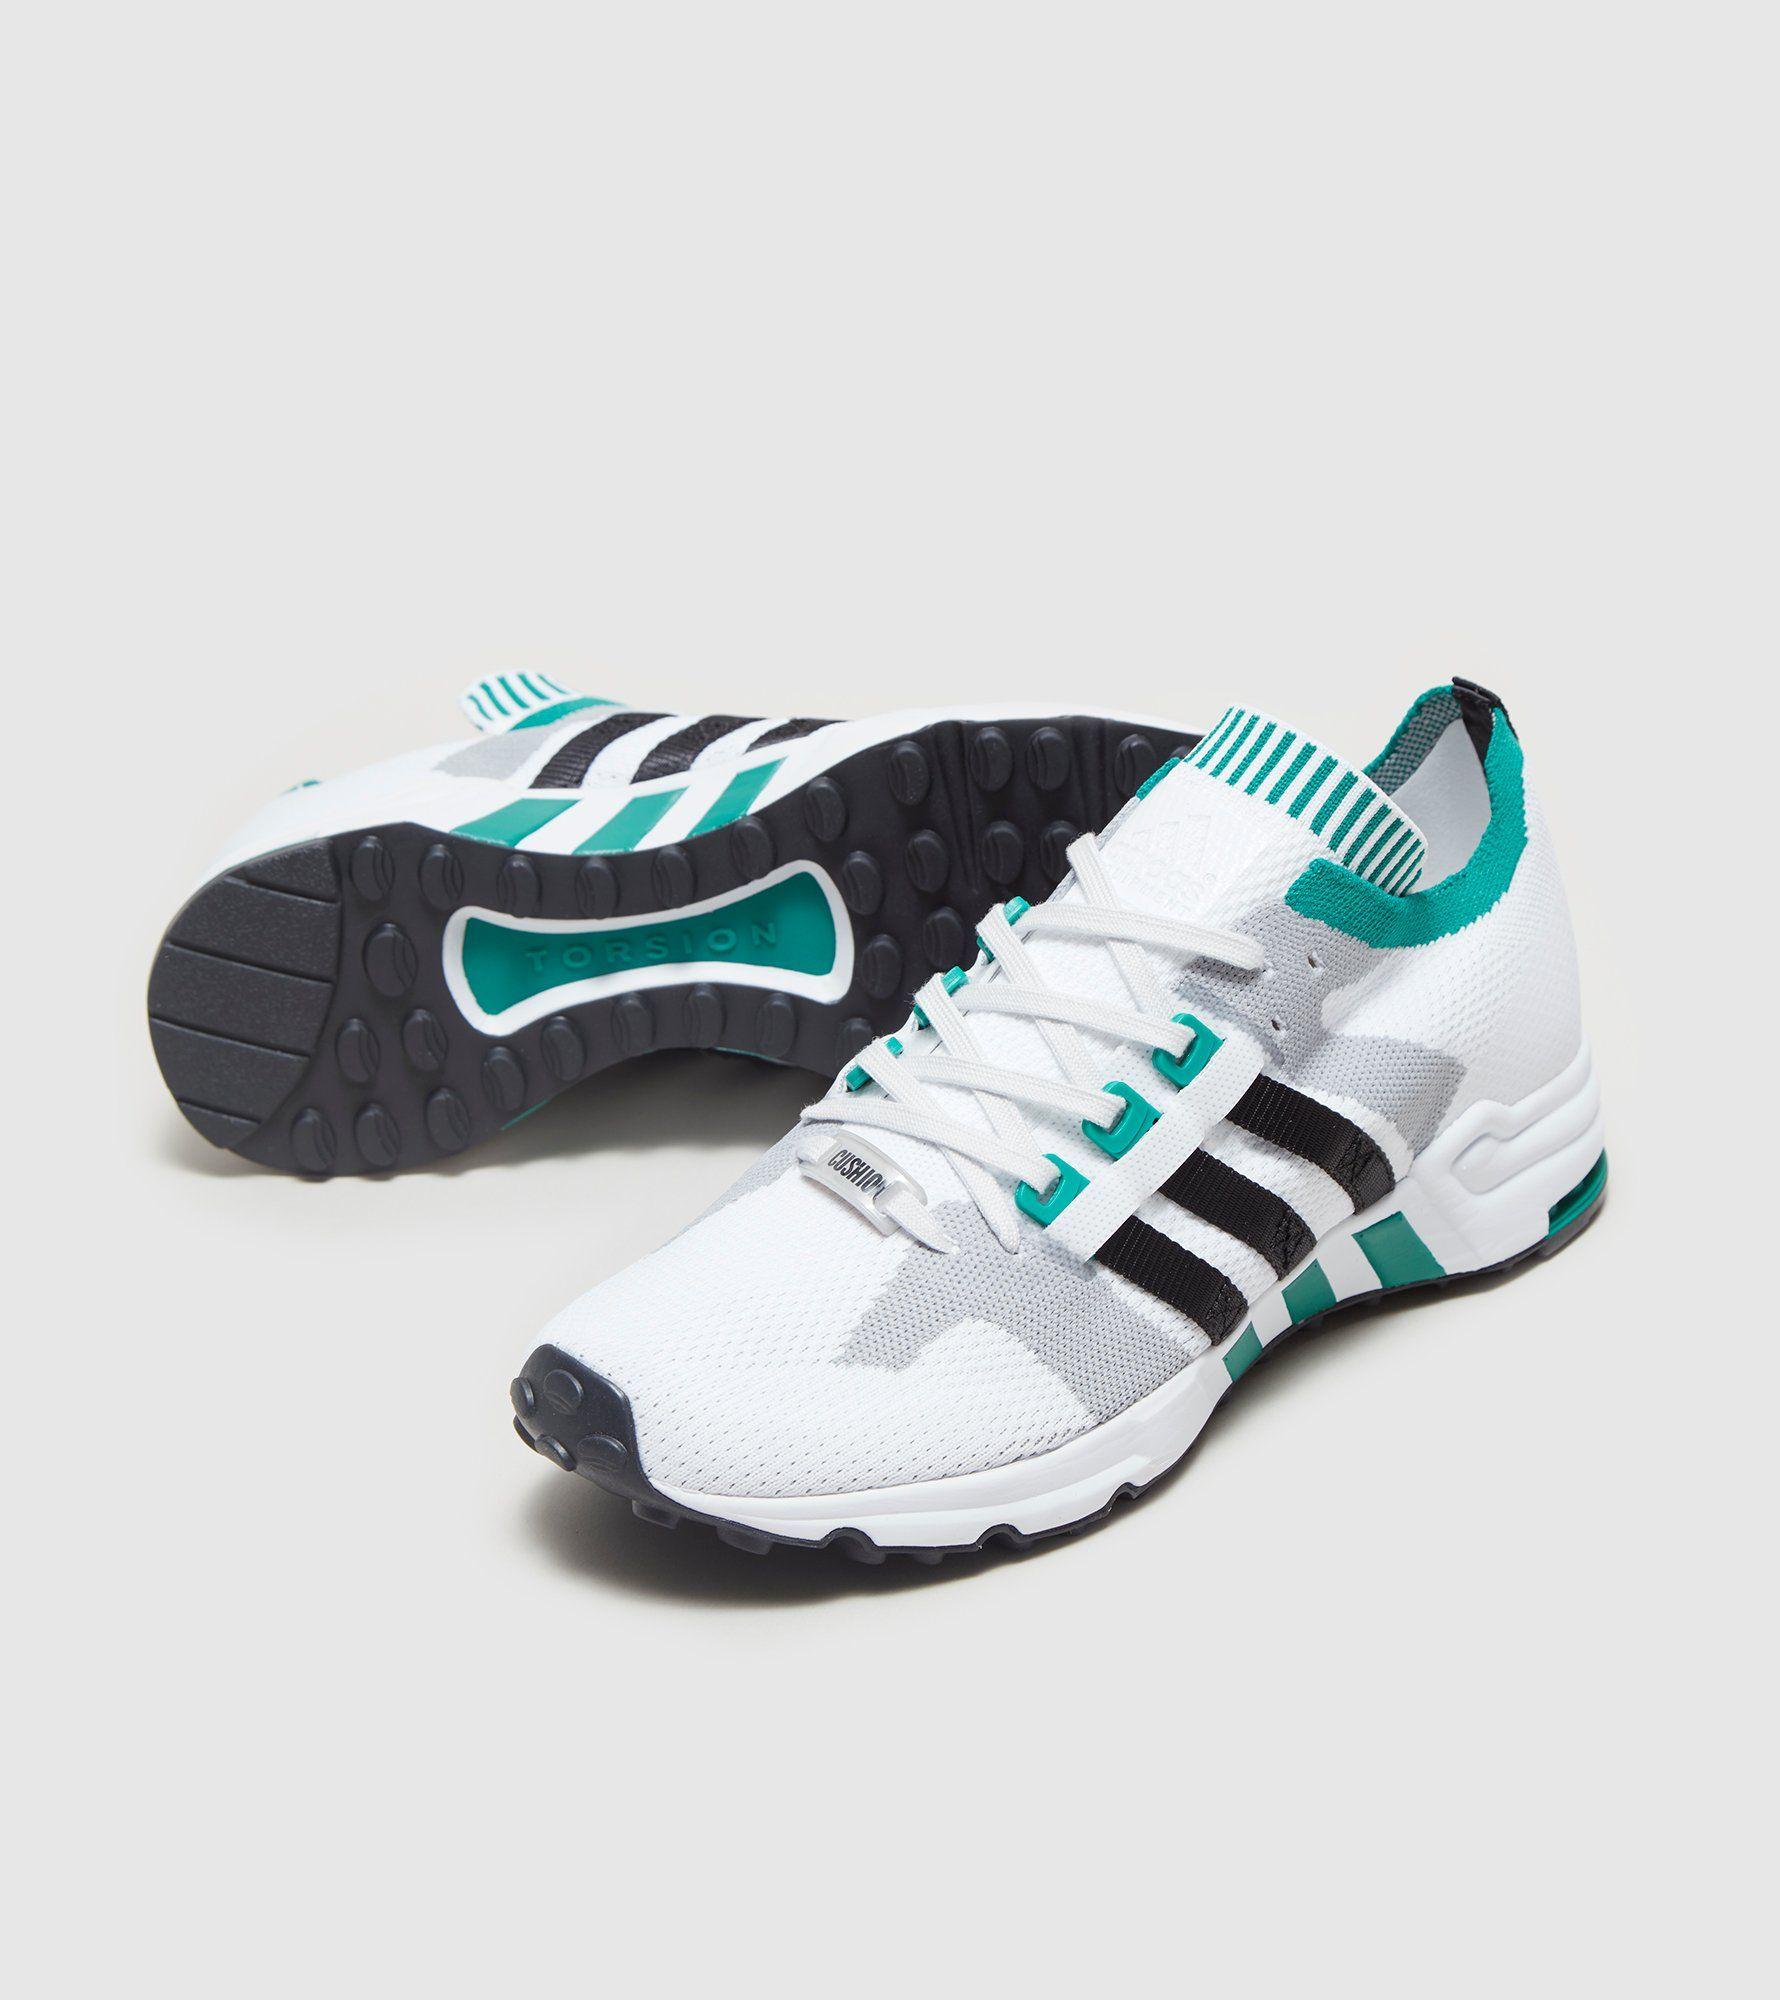 Adidas Originali Eqt Eqt Originali Cuscinetto